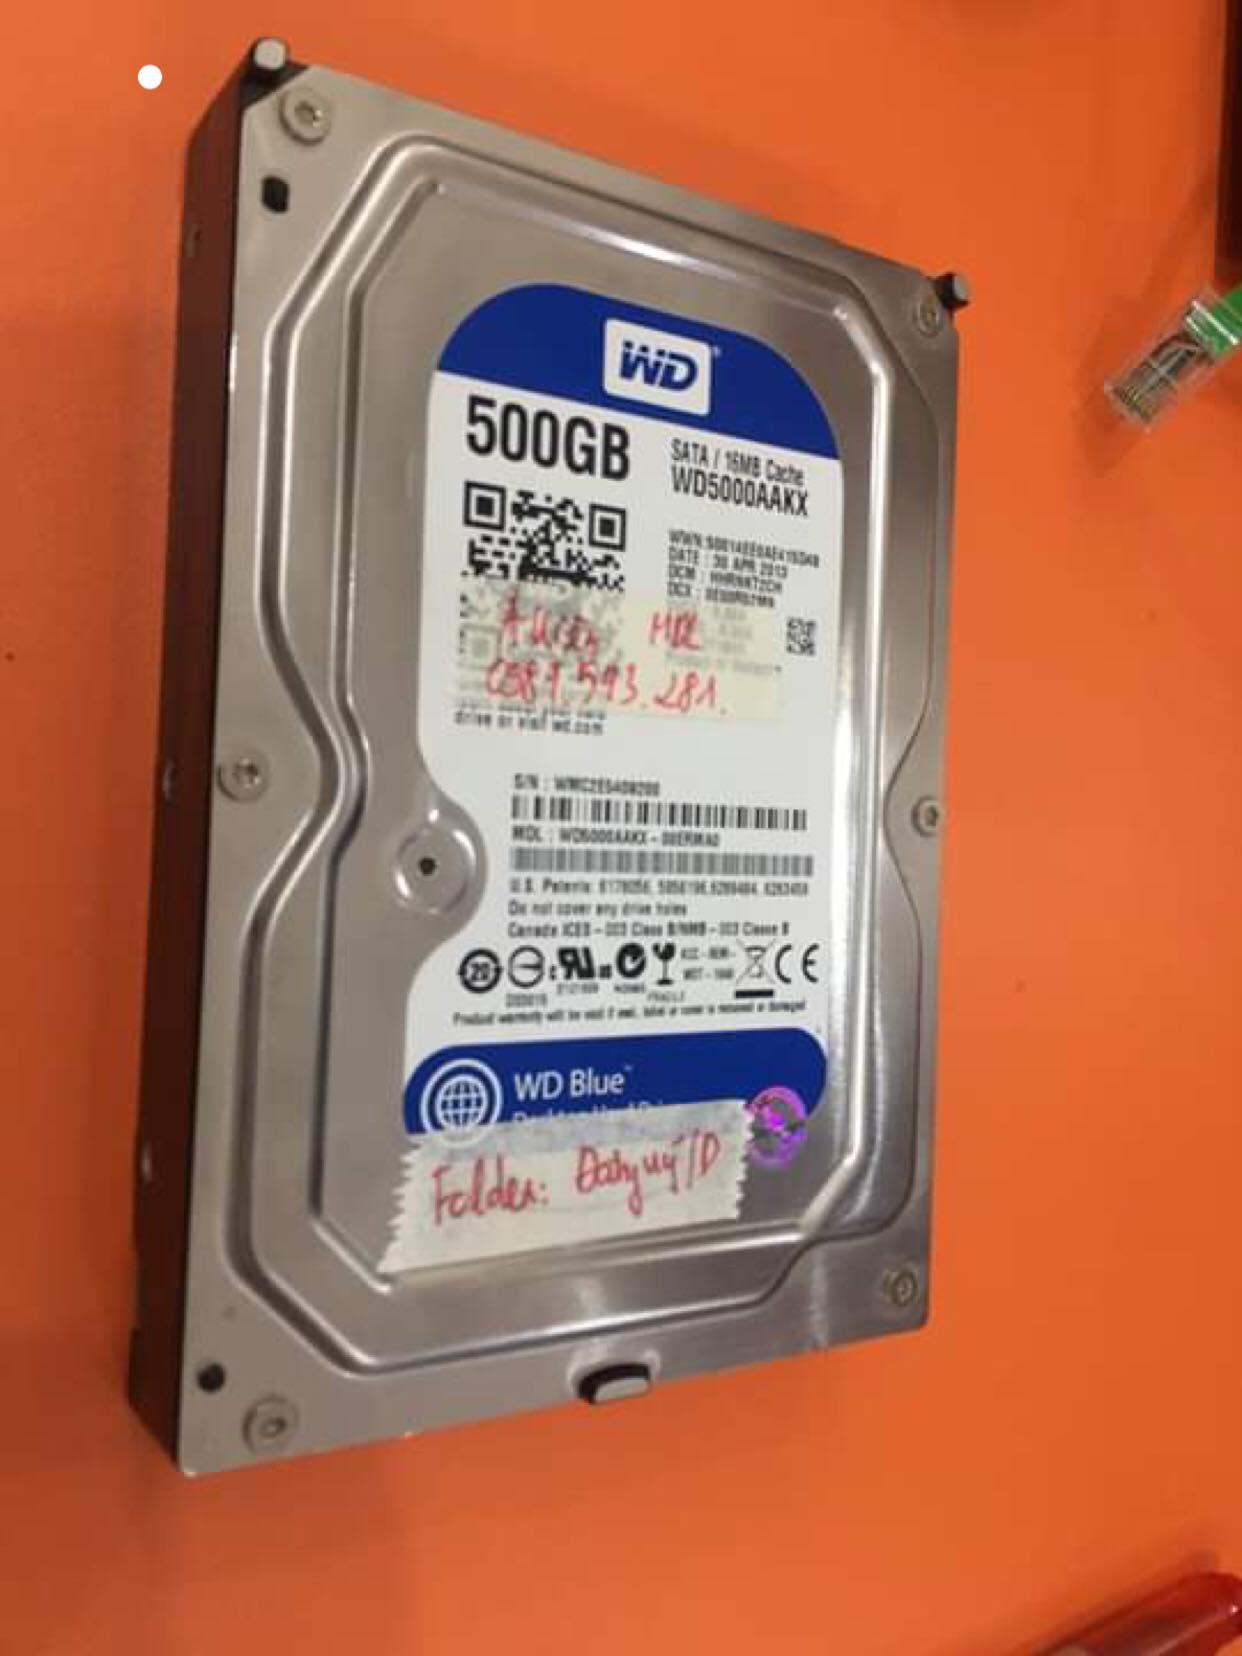 Khôi phục dữ liệu ổ cứng Western 500GB xóa nhầm 21/05/2019 - cuumaytinh